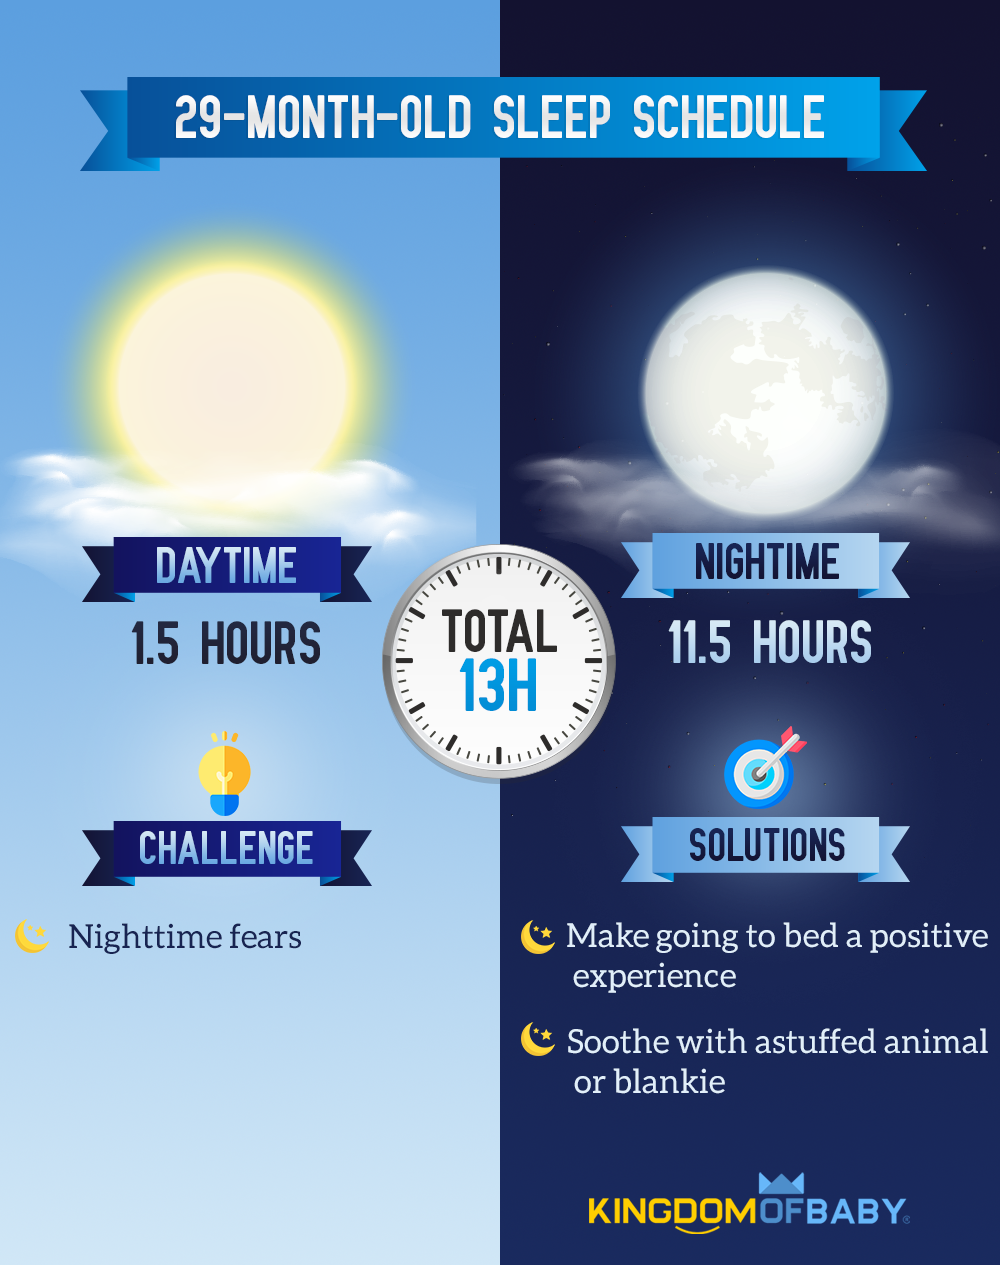 29-Month-Old Sleep Schedule